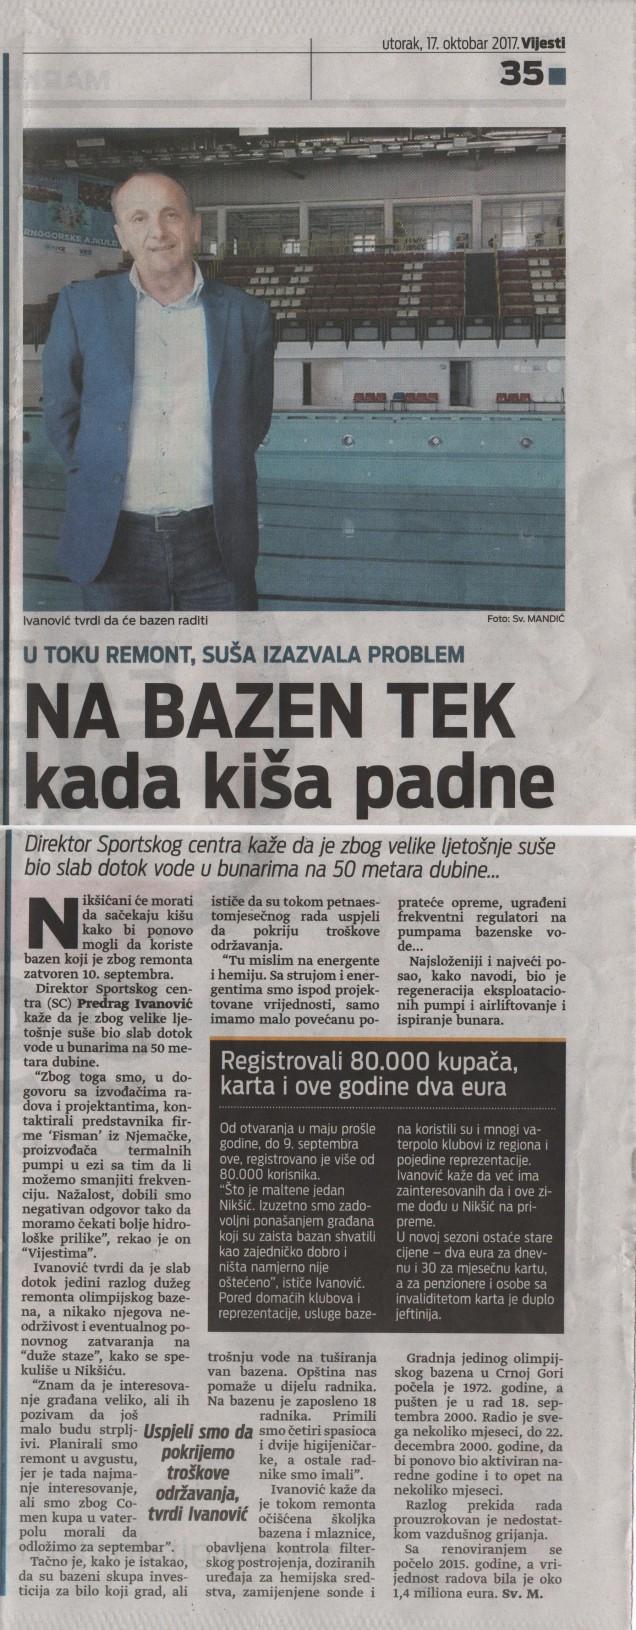 vijesti 17.10.2017.